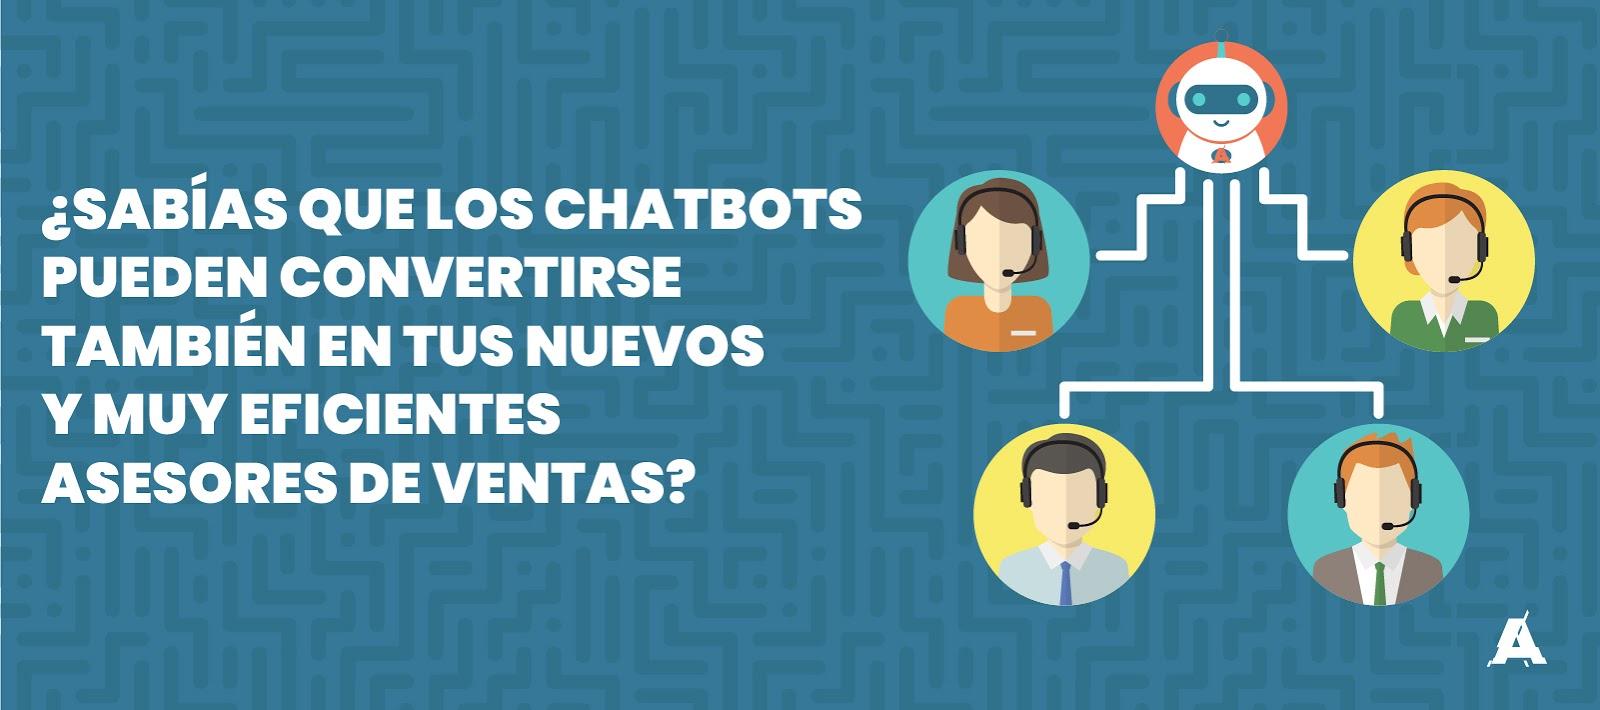 Chatbots asesores de ventas